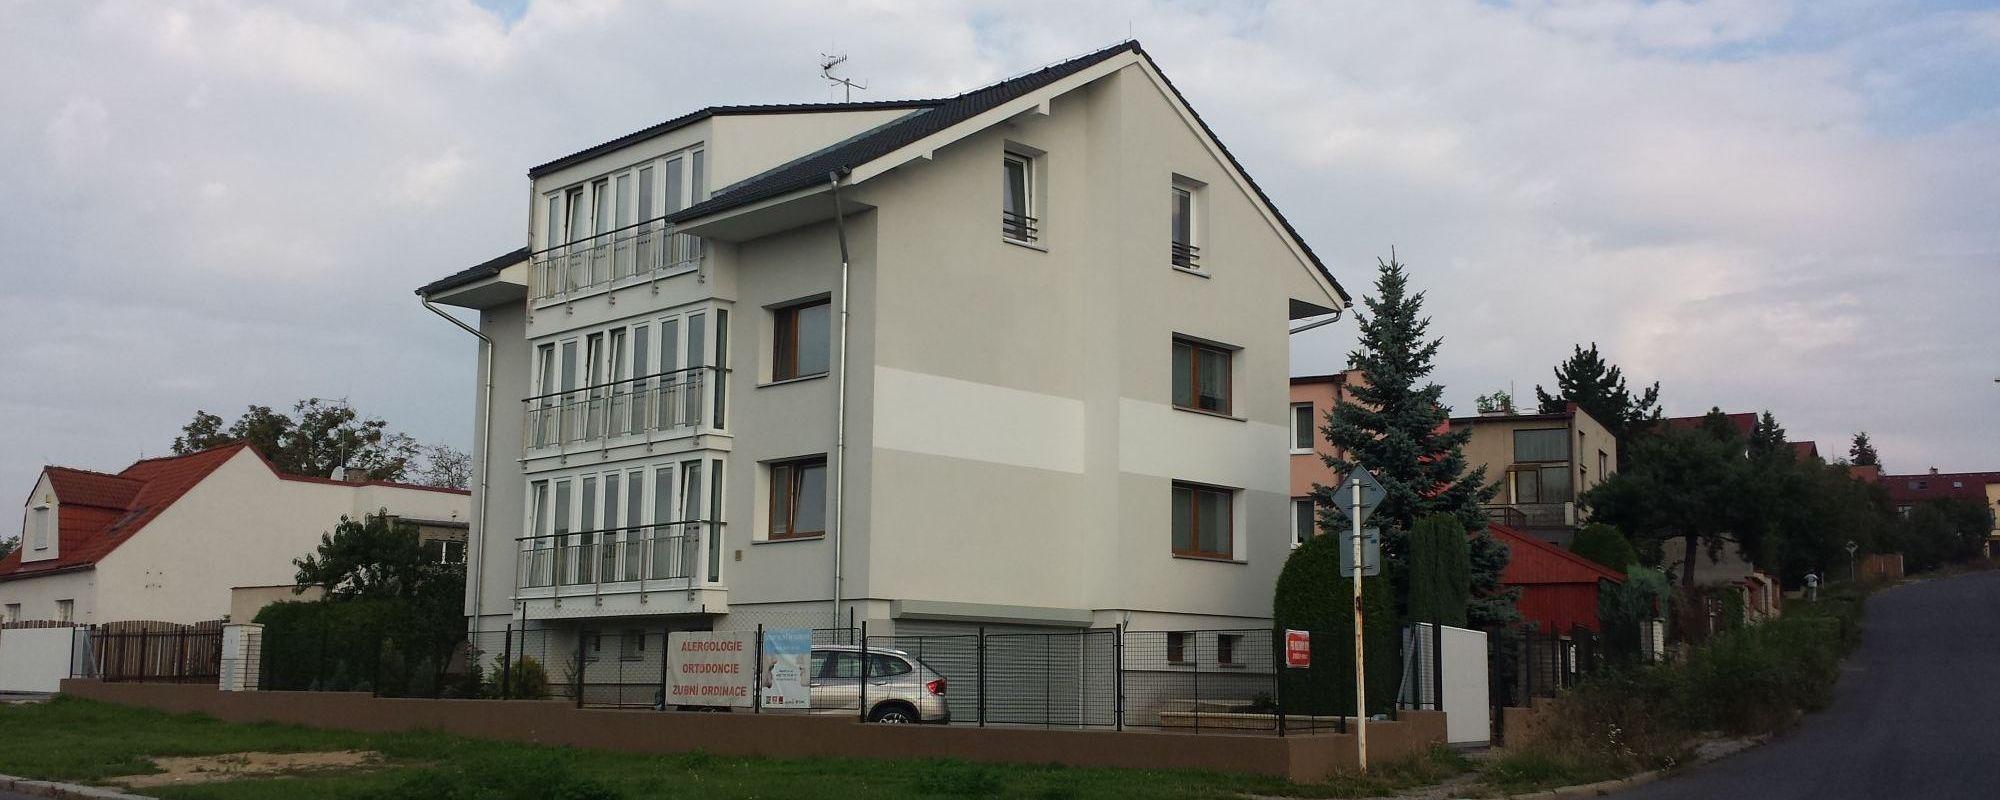 Ordinace pro alergologii a lékařskou imunologii Praha 5